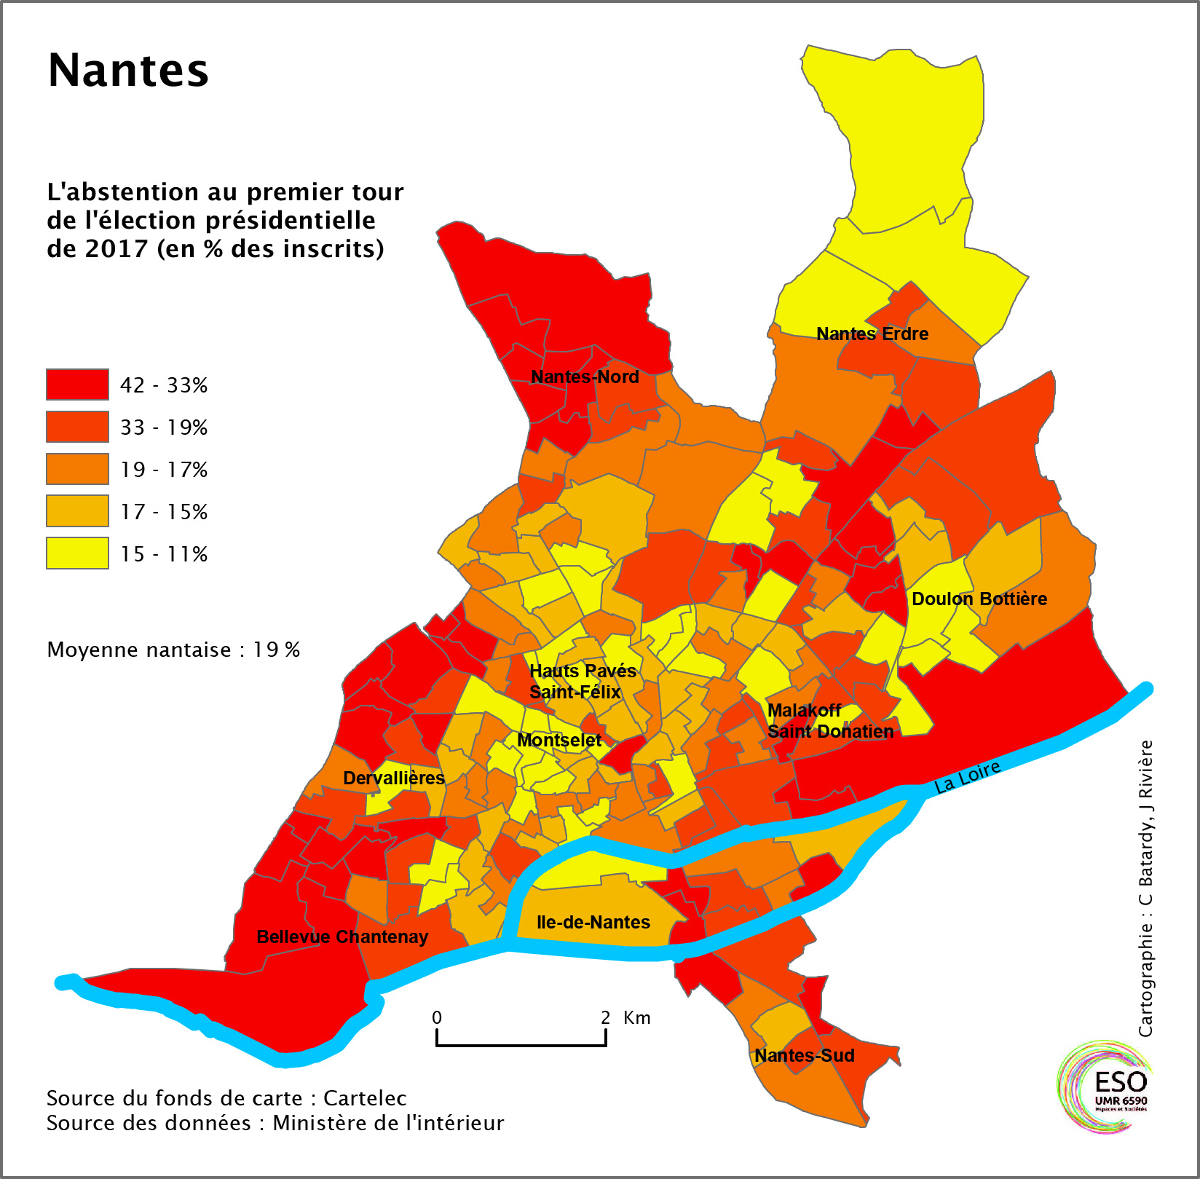 Nantes Un Bastion Socialiste Partage Entre Les Votes Macron Et Metropolitiques